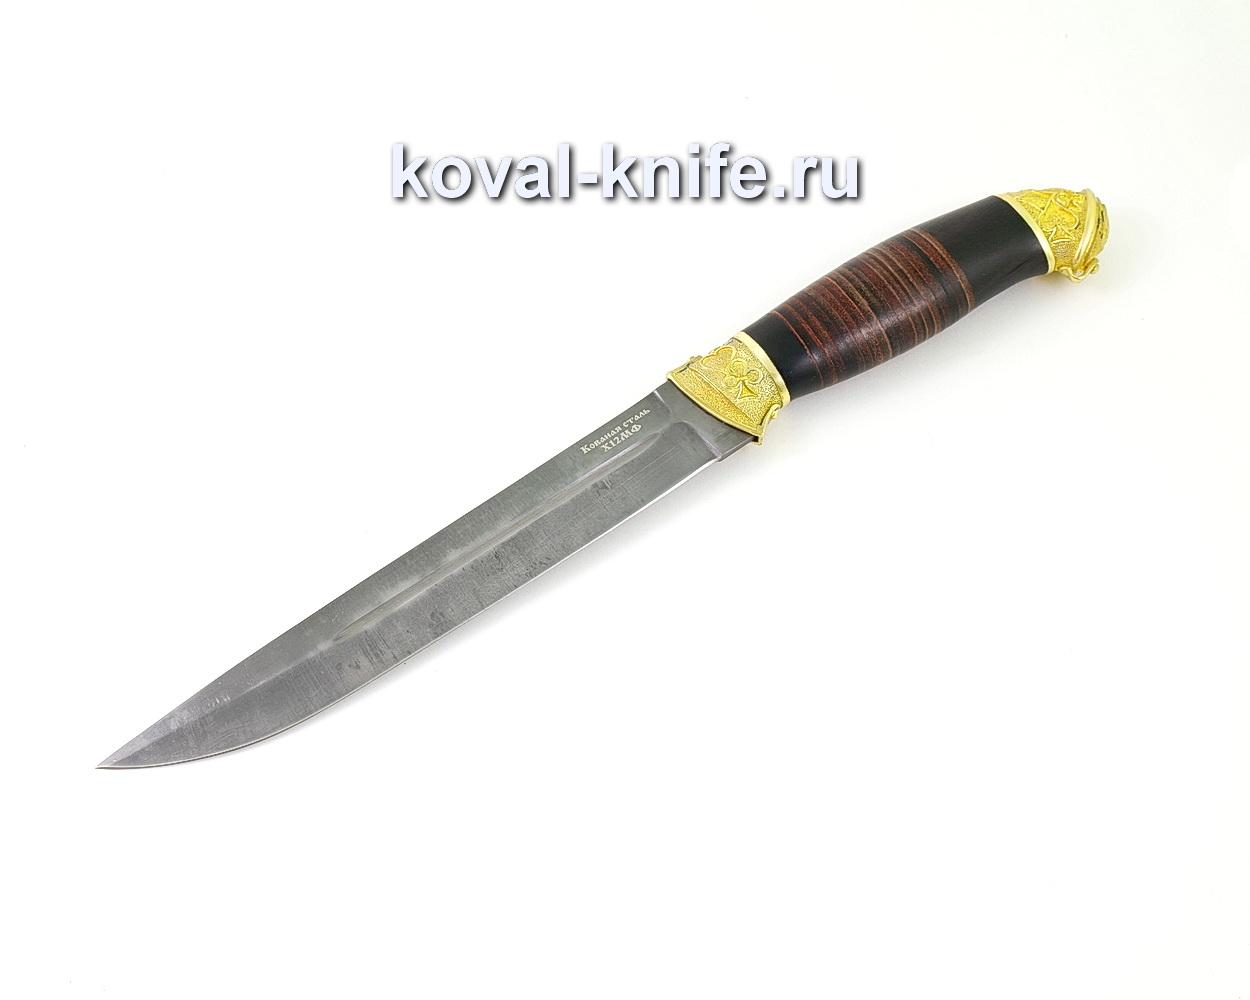 Нож из кованой стали Х12МФ Пластун (рукоять кожа и граб, литье латунь) A500